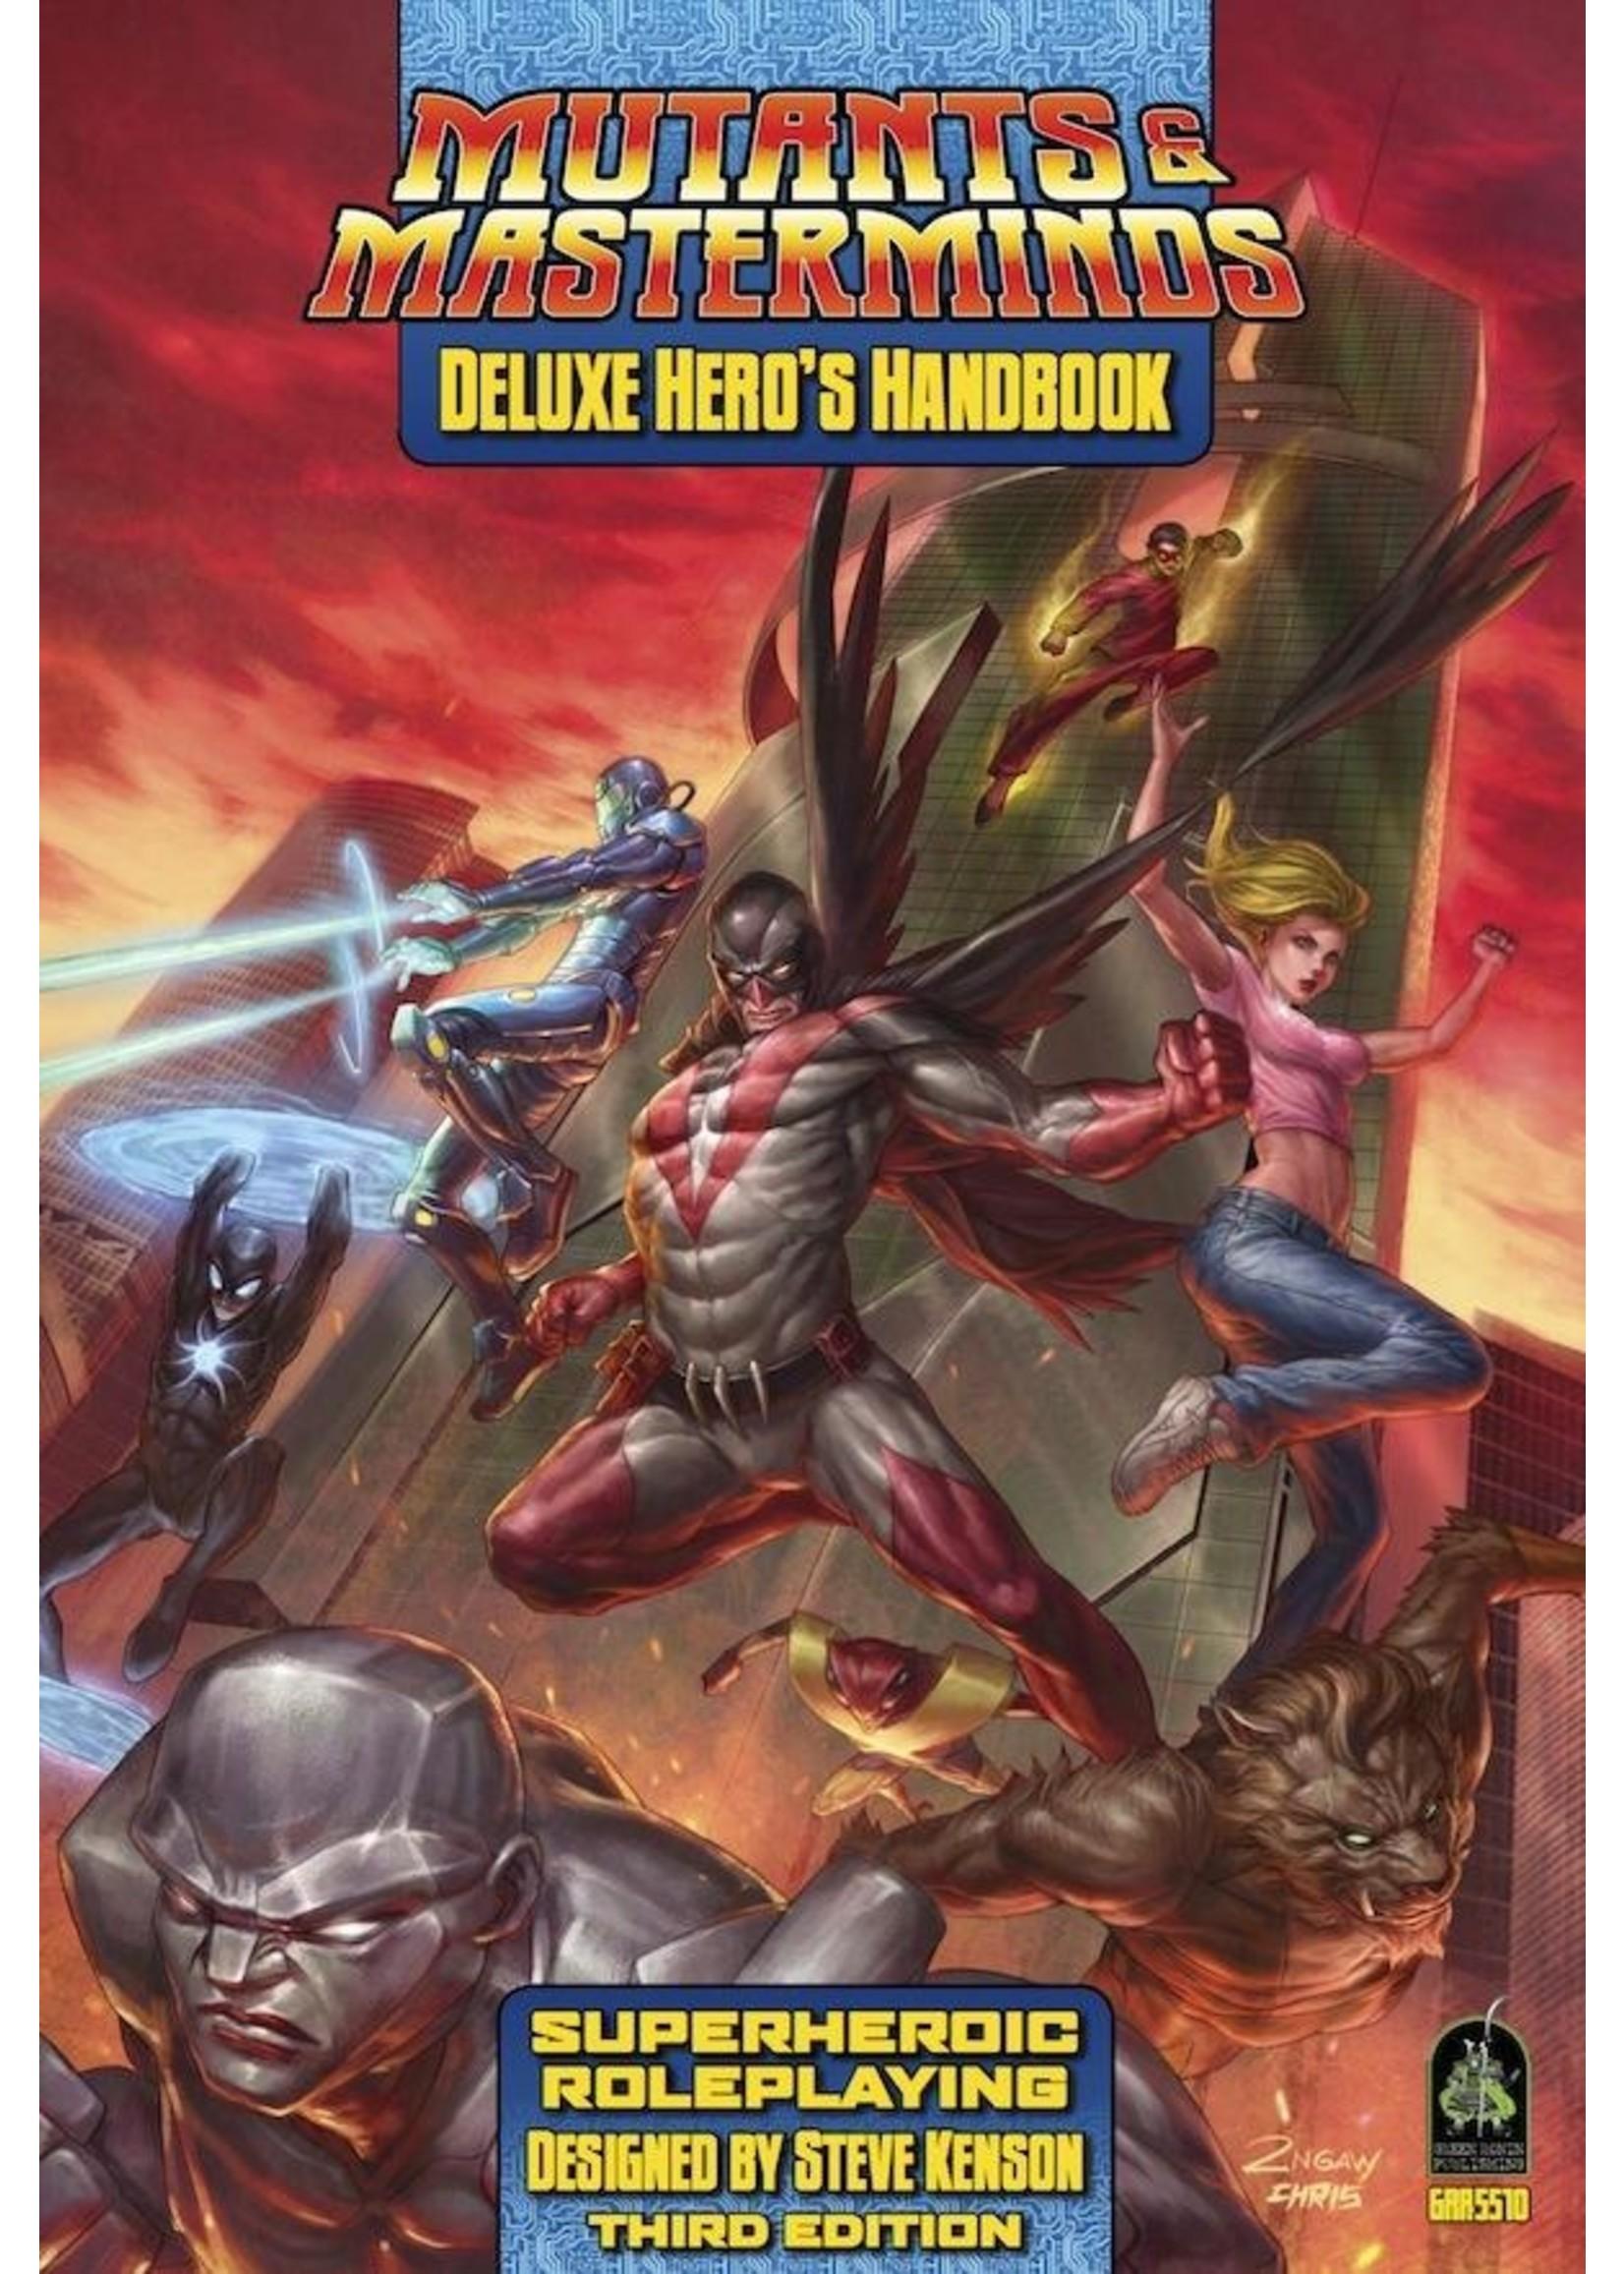 Mutants and Masterminds: Deluxe Hero's Handbook